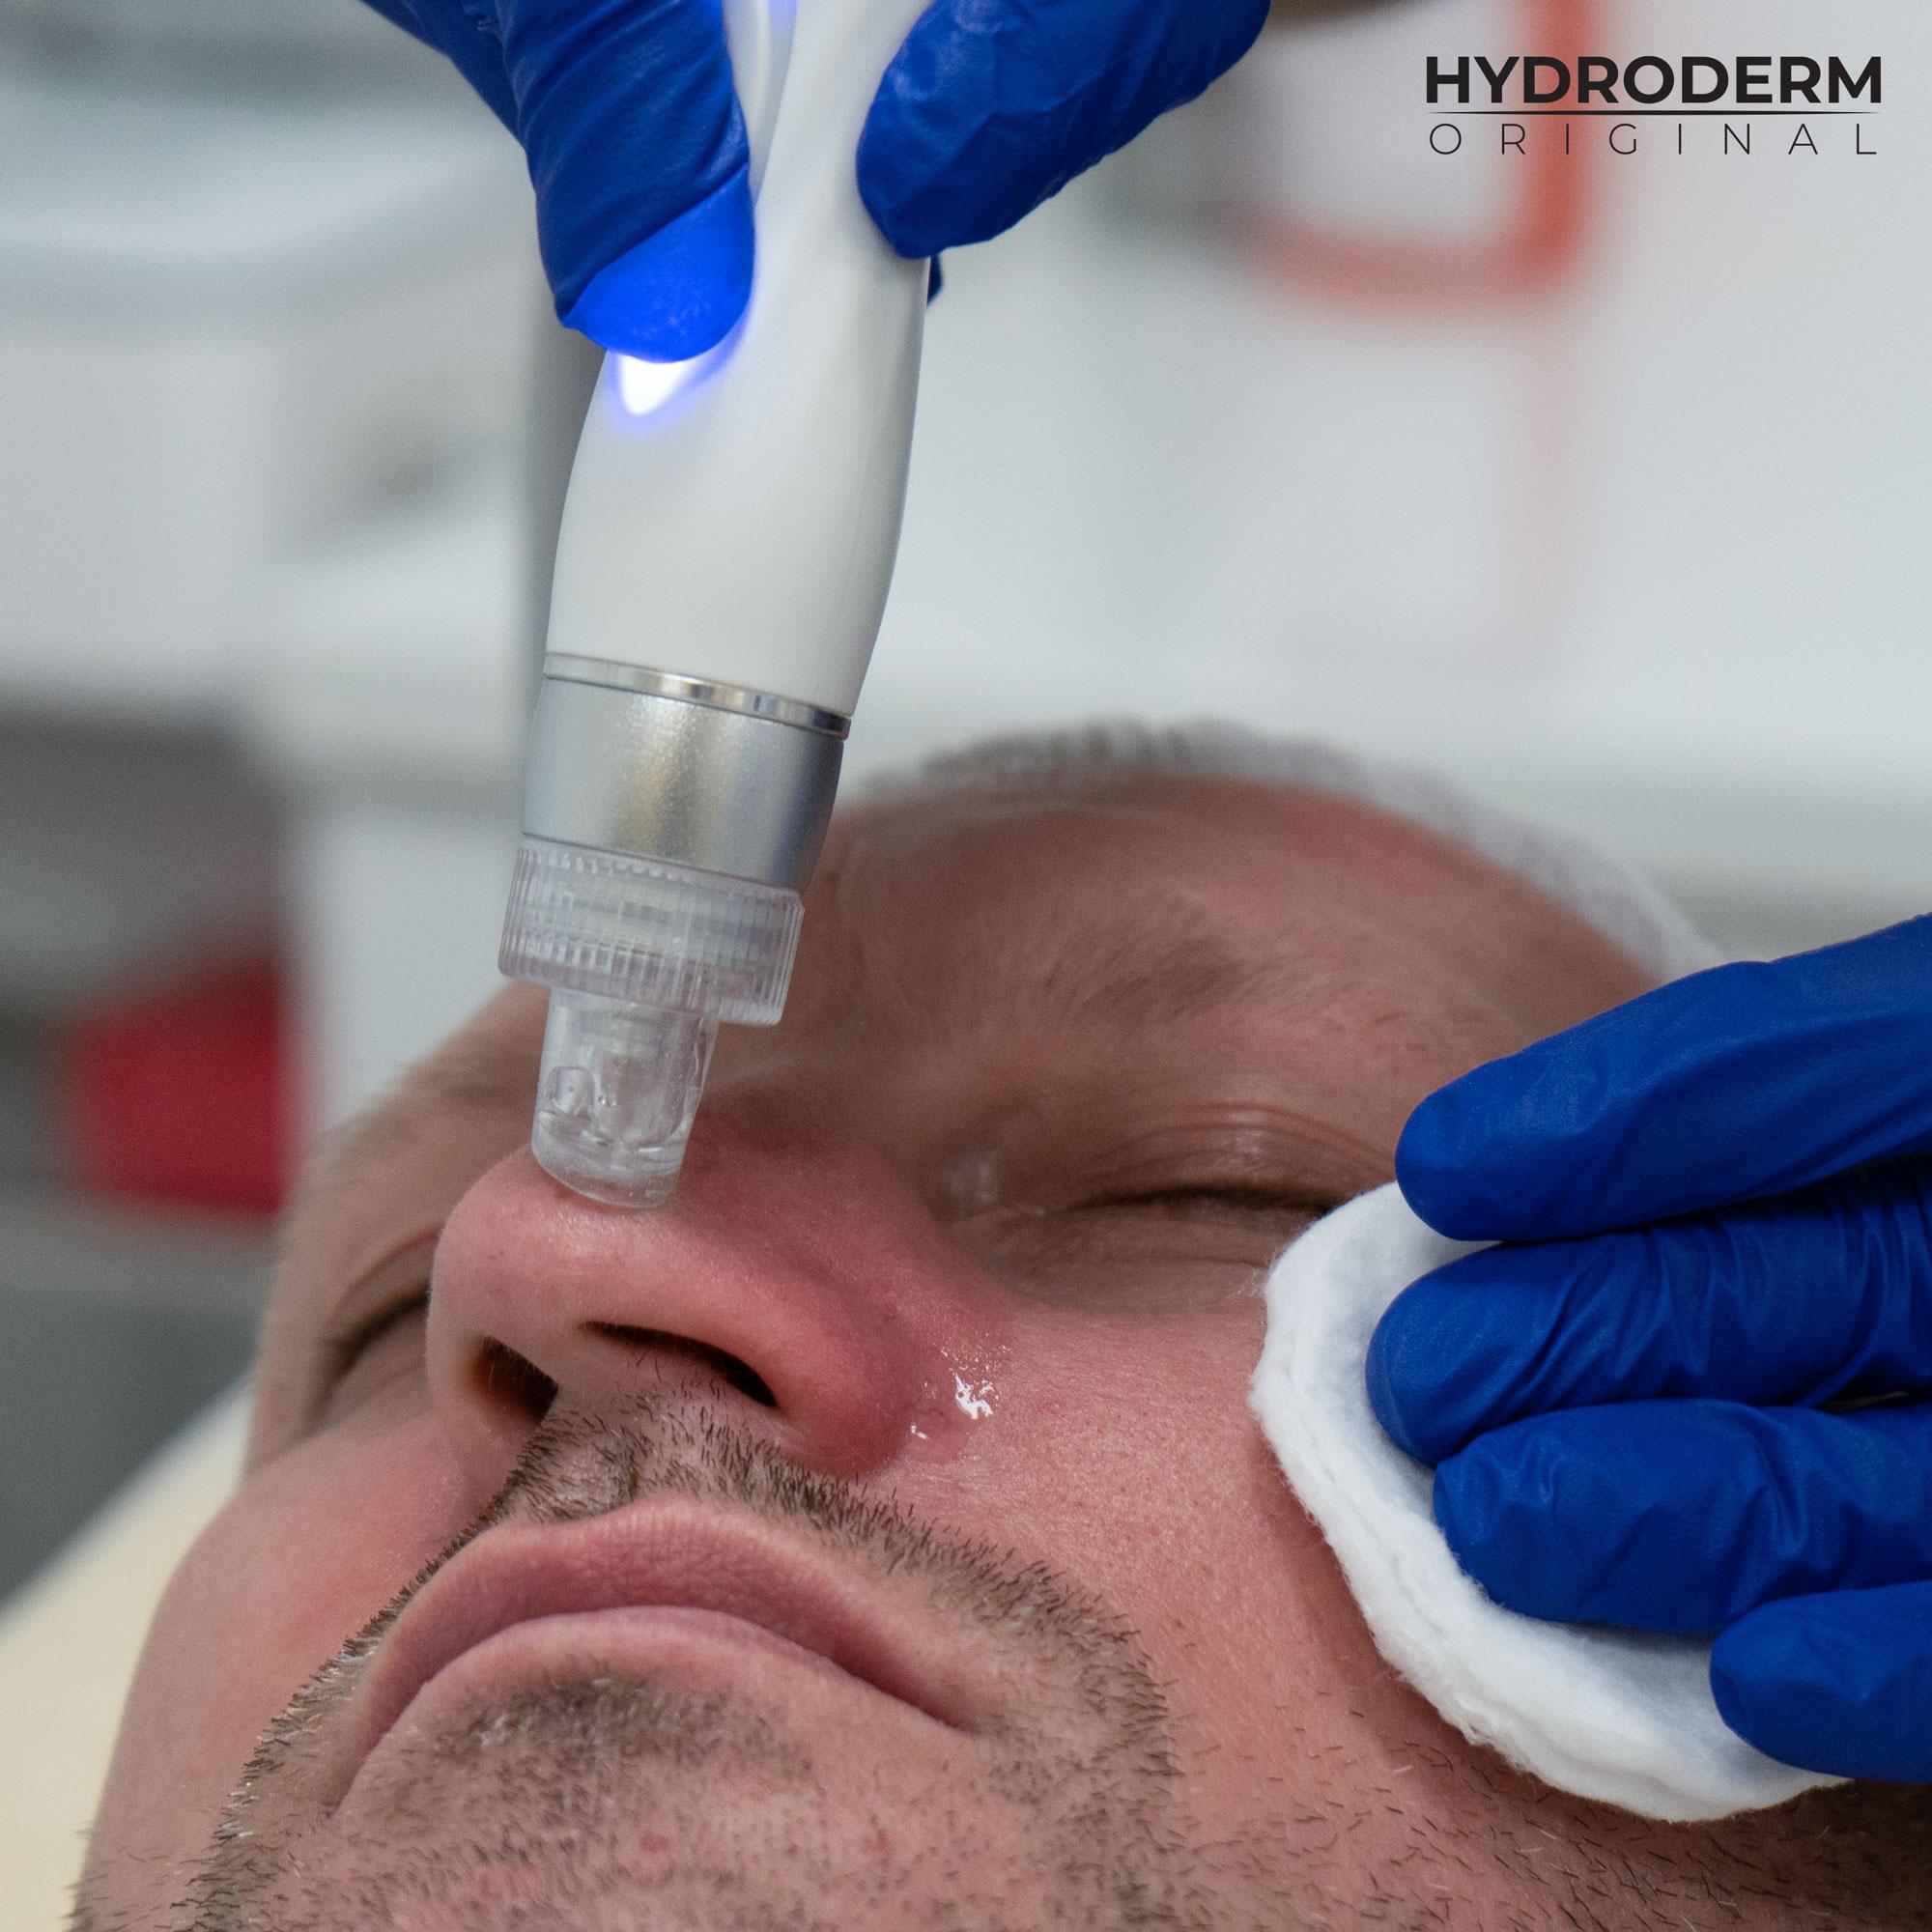 Po złuszczeniu martwego naskórka przy użyciu wodoru, uzyskasz gładką i nieskazitelnie czystą skórę